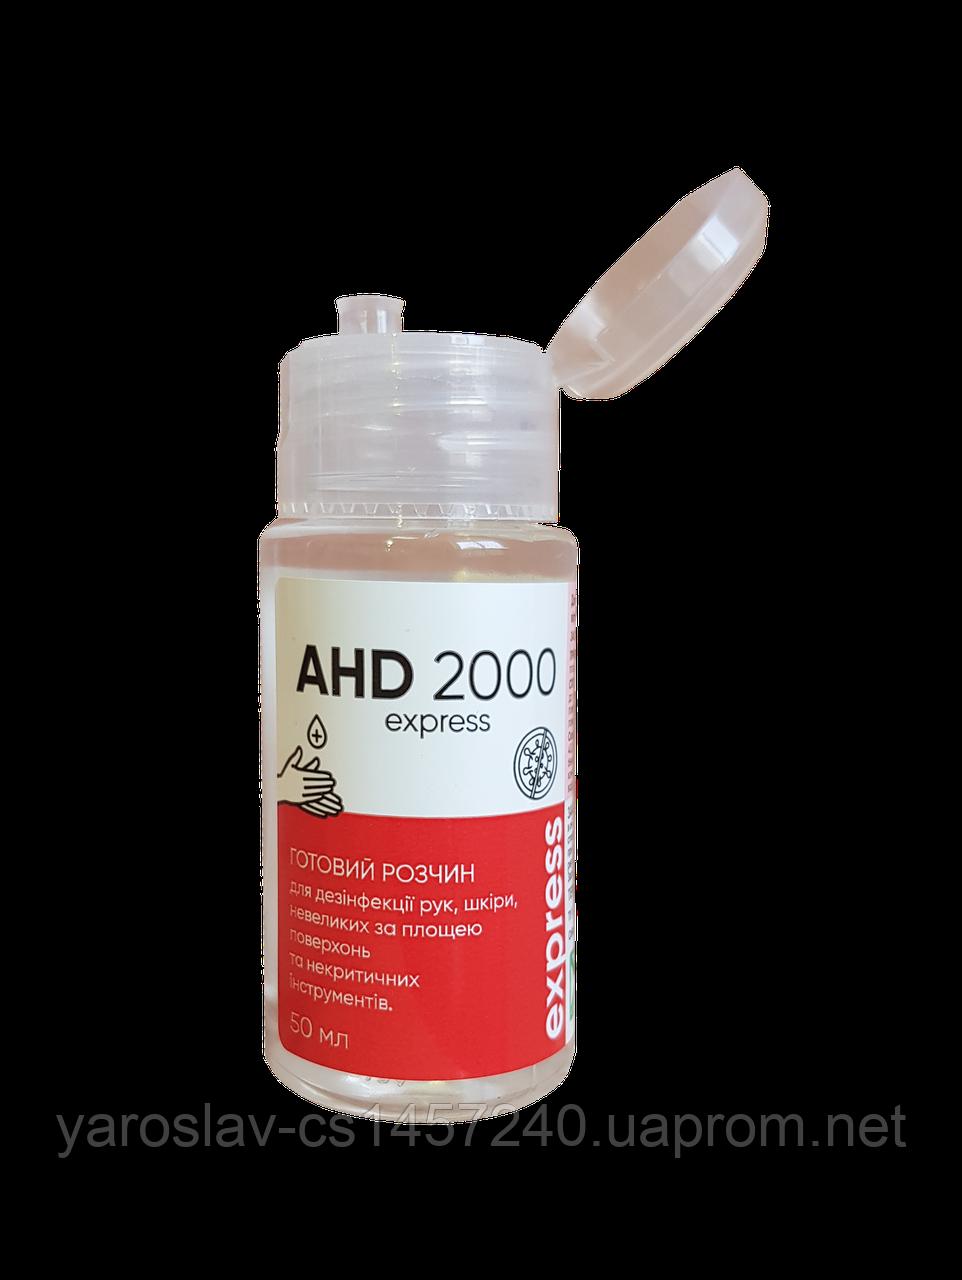 АХД 2000 експрес 50мл